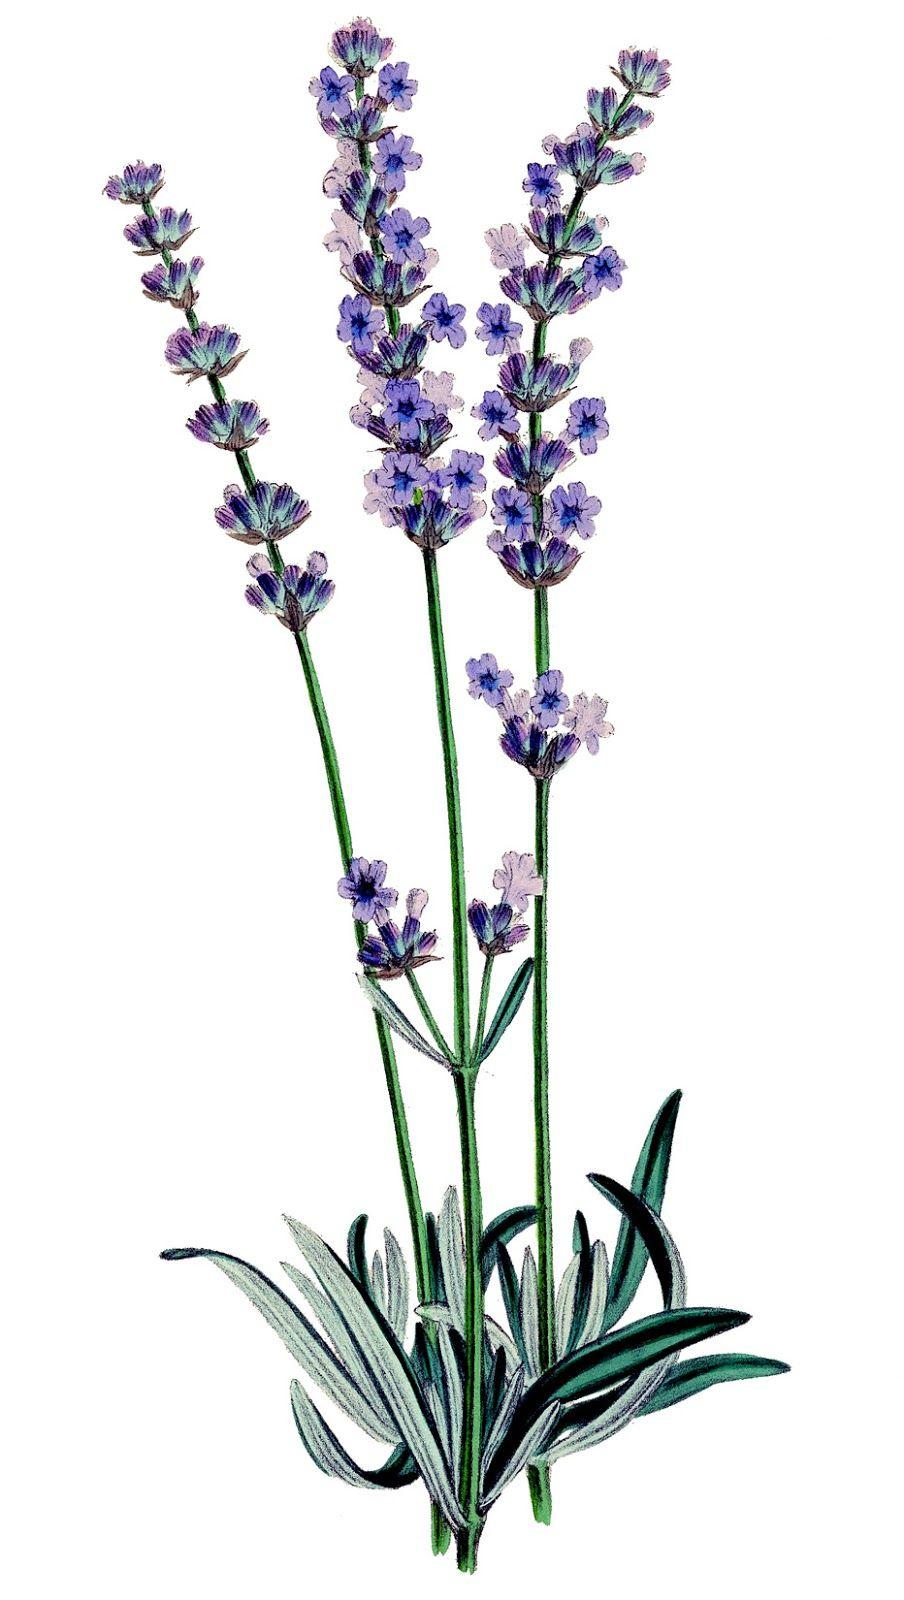 Vintage stock image plant. Lavender clipart